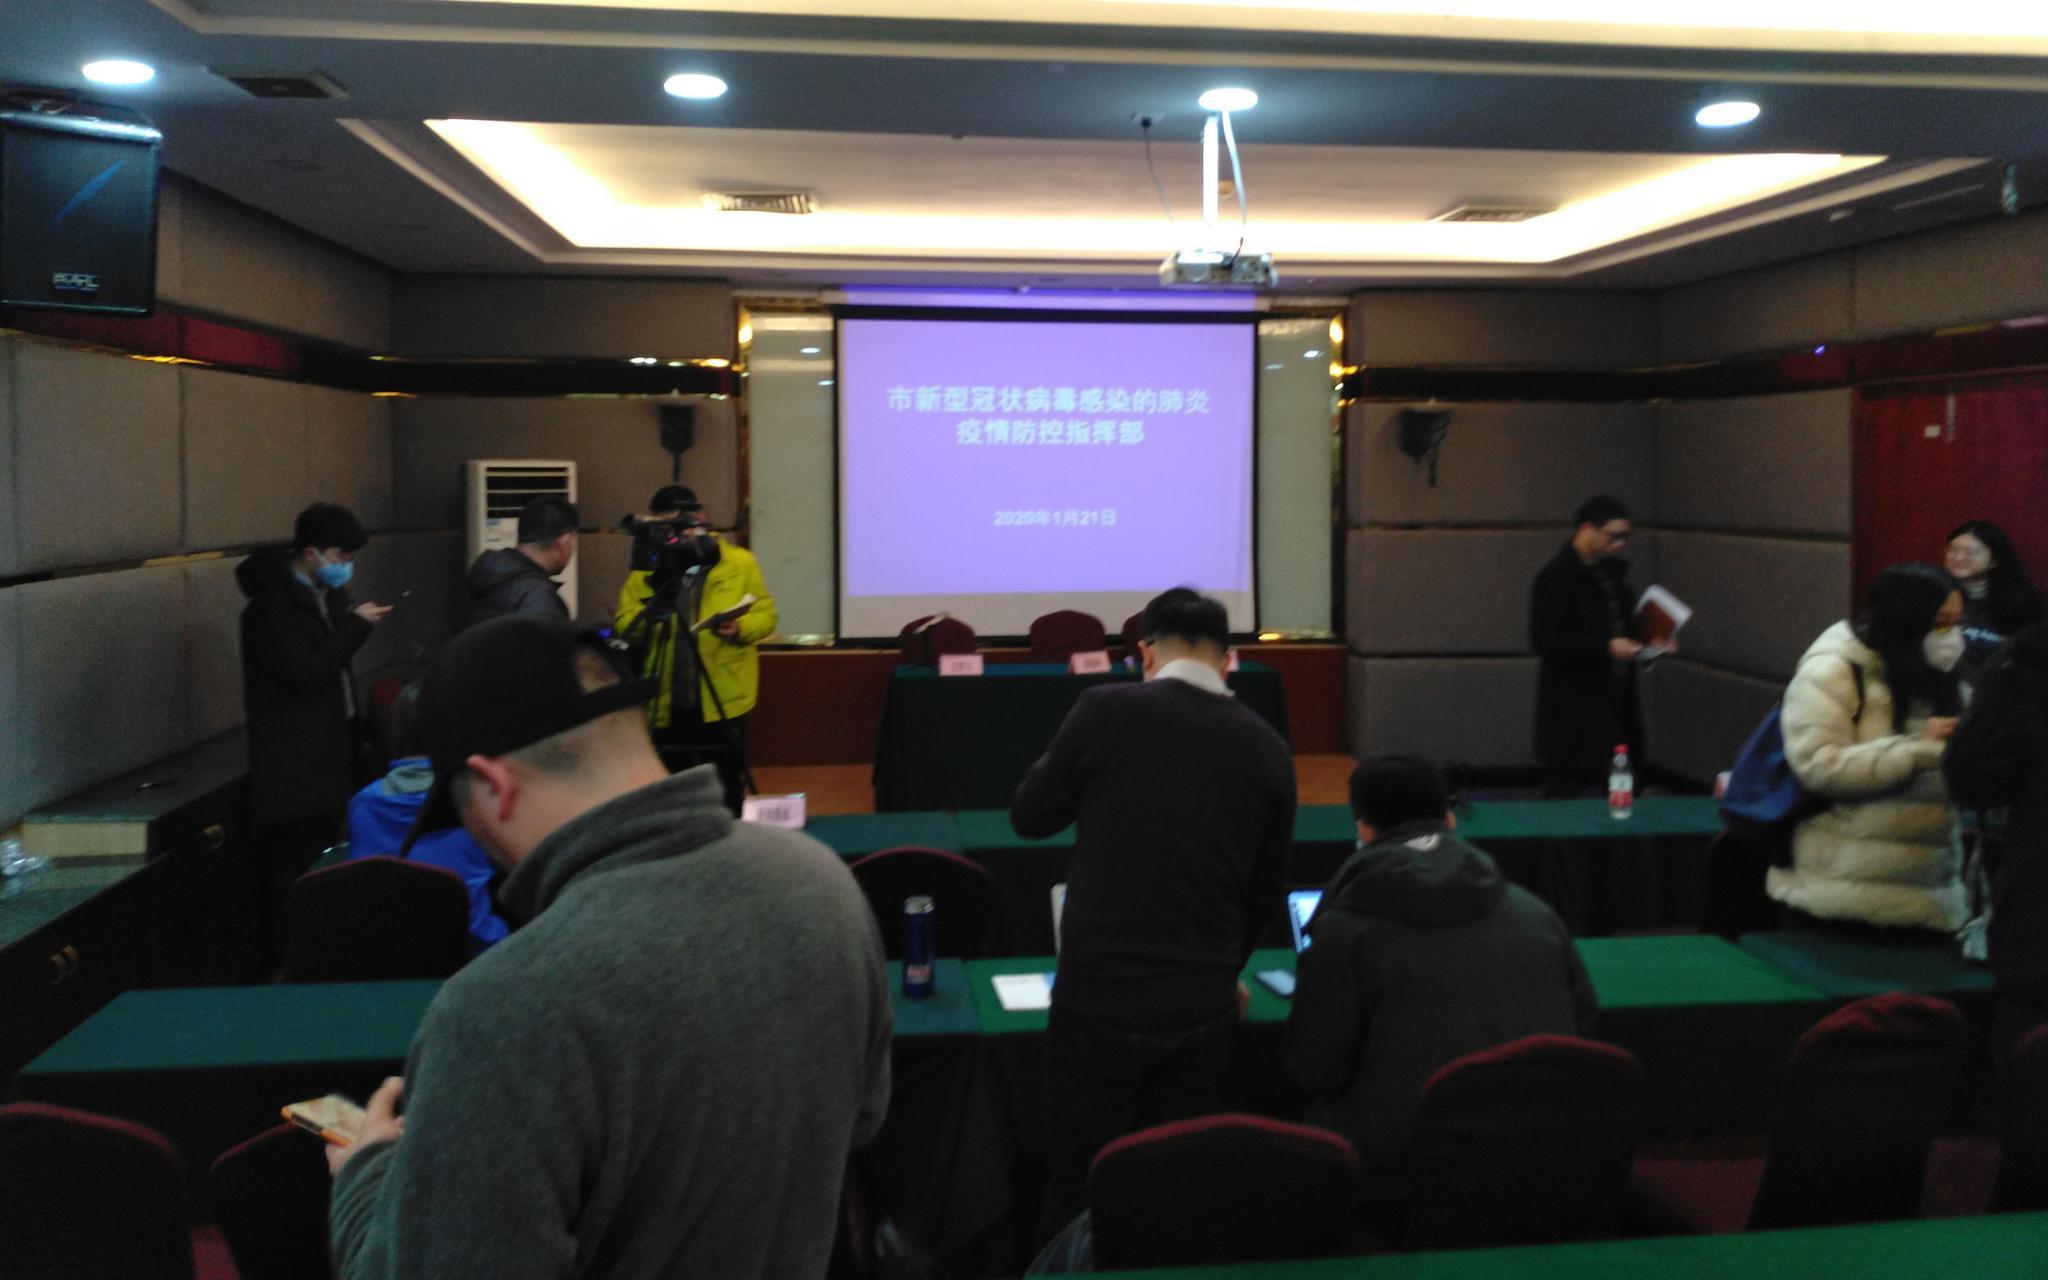 武汉疫情防控指挥部首次发布会:感染患者救治由政府买单图片